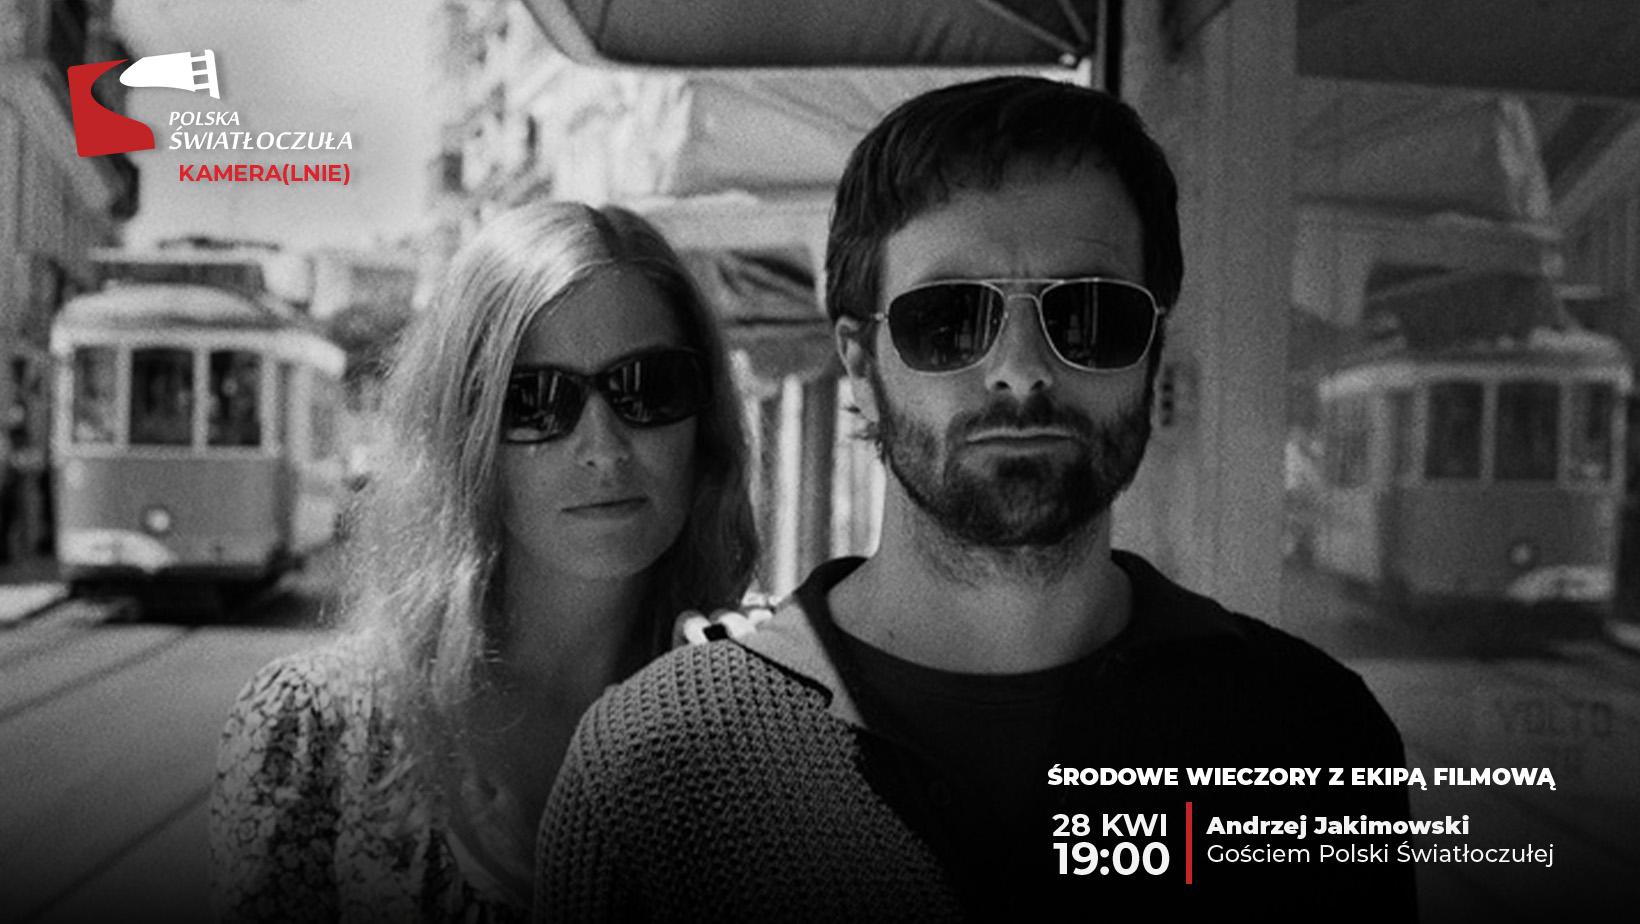 kameralnie Andrzej Jakimowski facebook cover photo